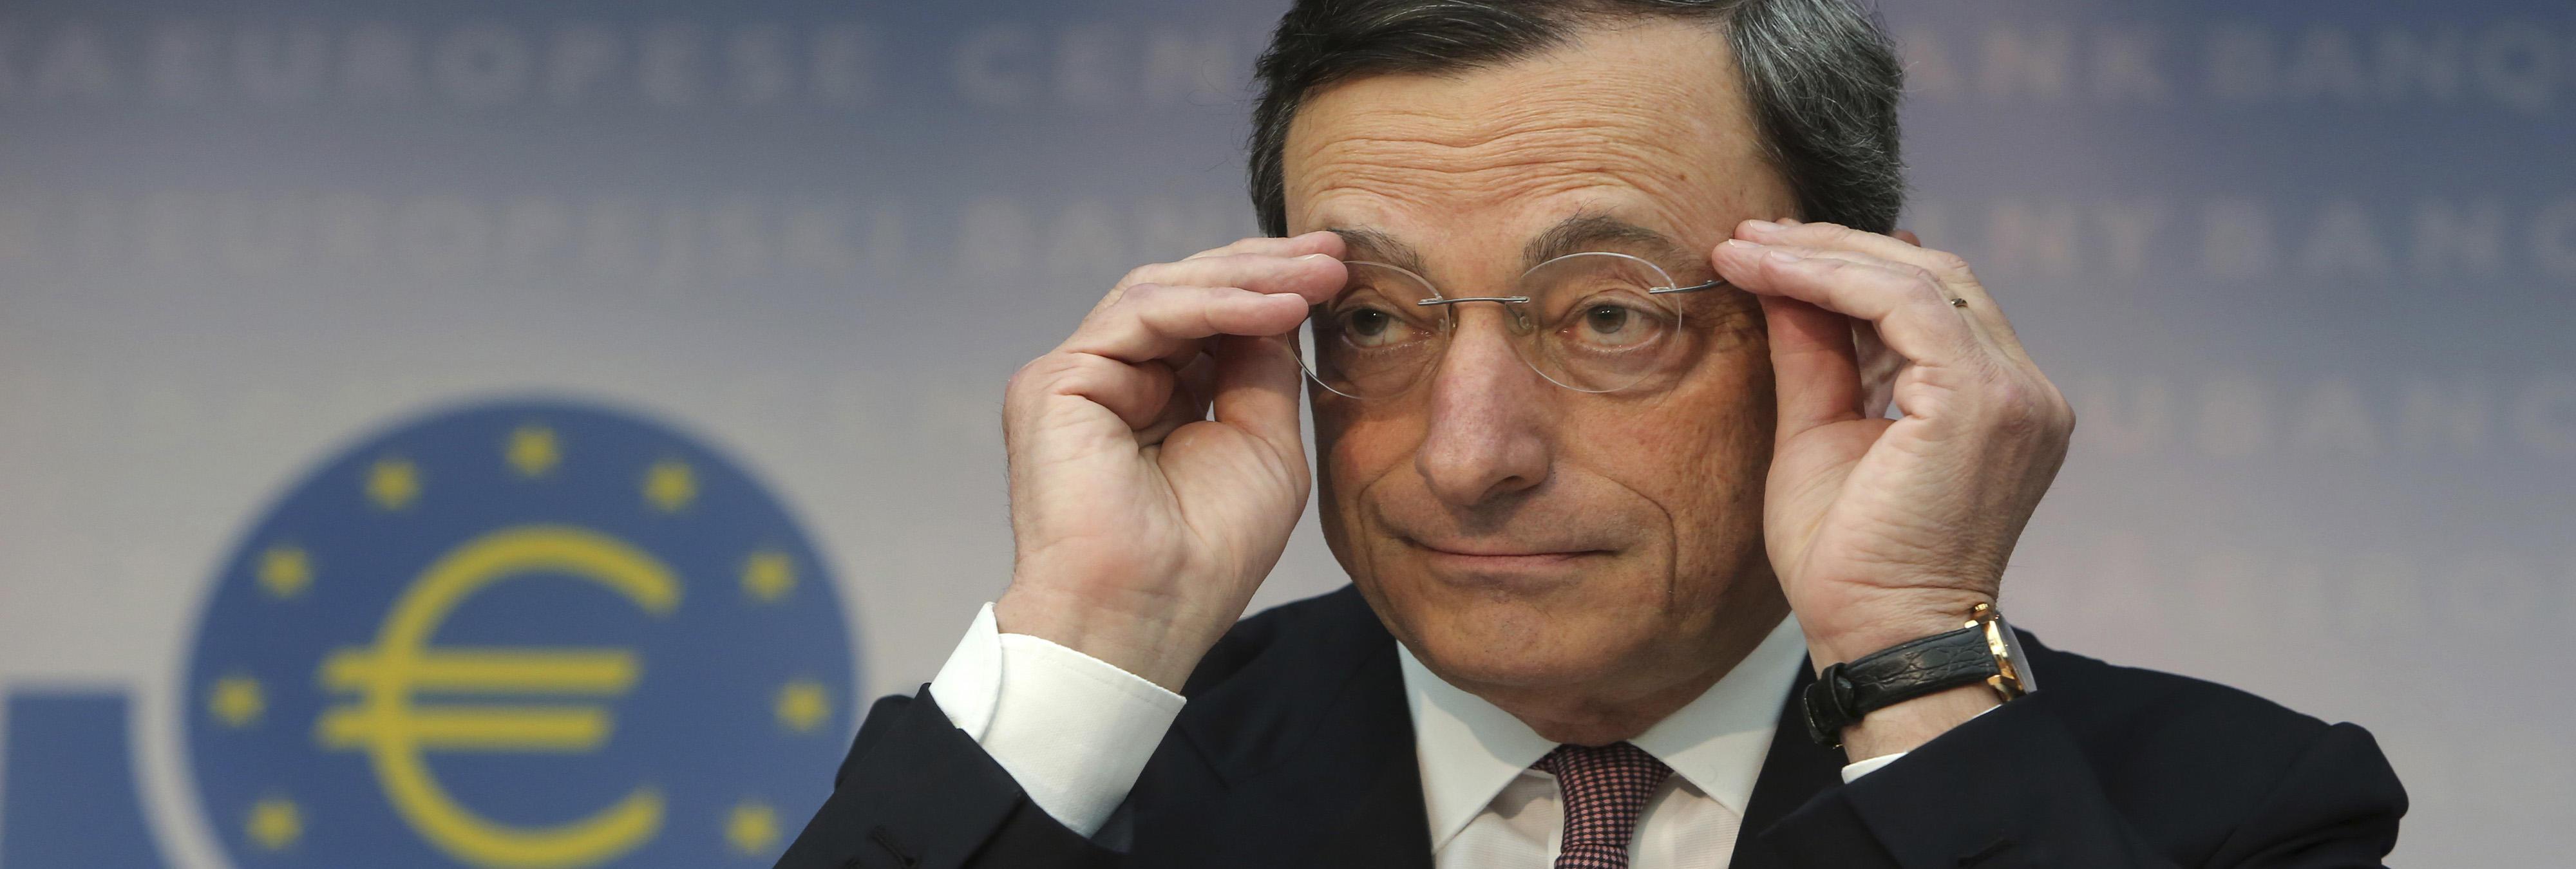 El programa de compra de bonos del BCE no está cumpliendo sus objetivos